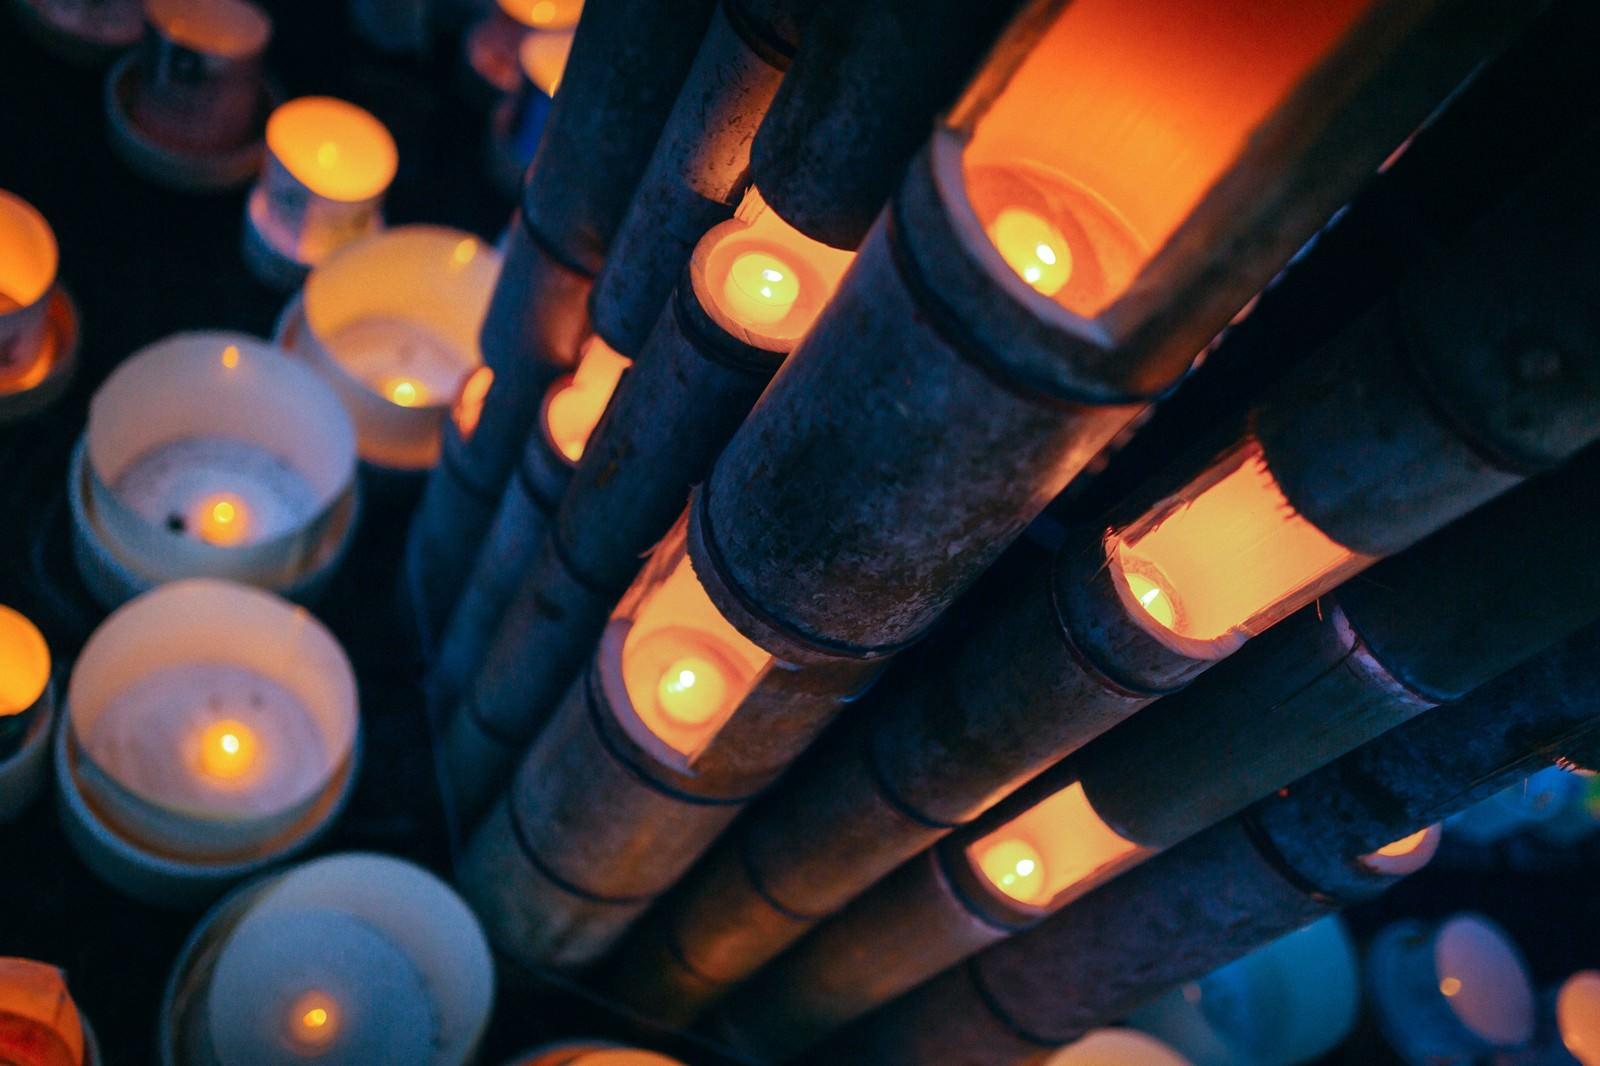 「幻想的な灯りに包まれる伊万里ボシ灯ろうまつり幻想的な灯りに包まれる伊万里ボシ灯ろうまつり」のフリー写真素材